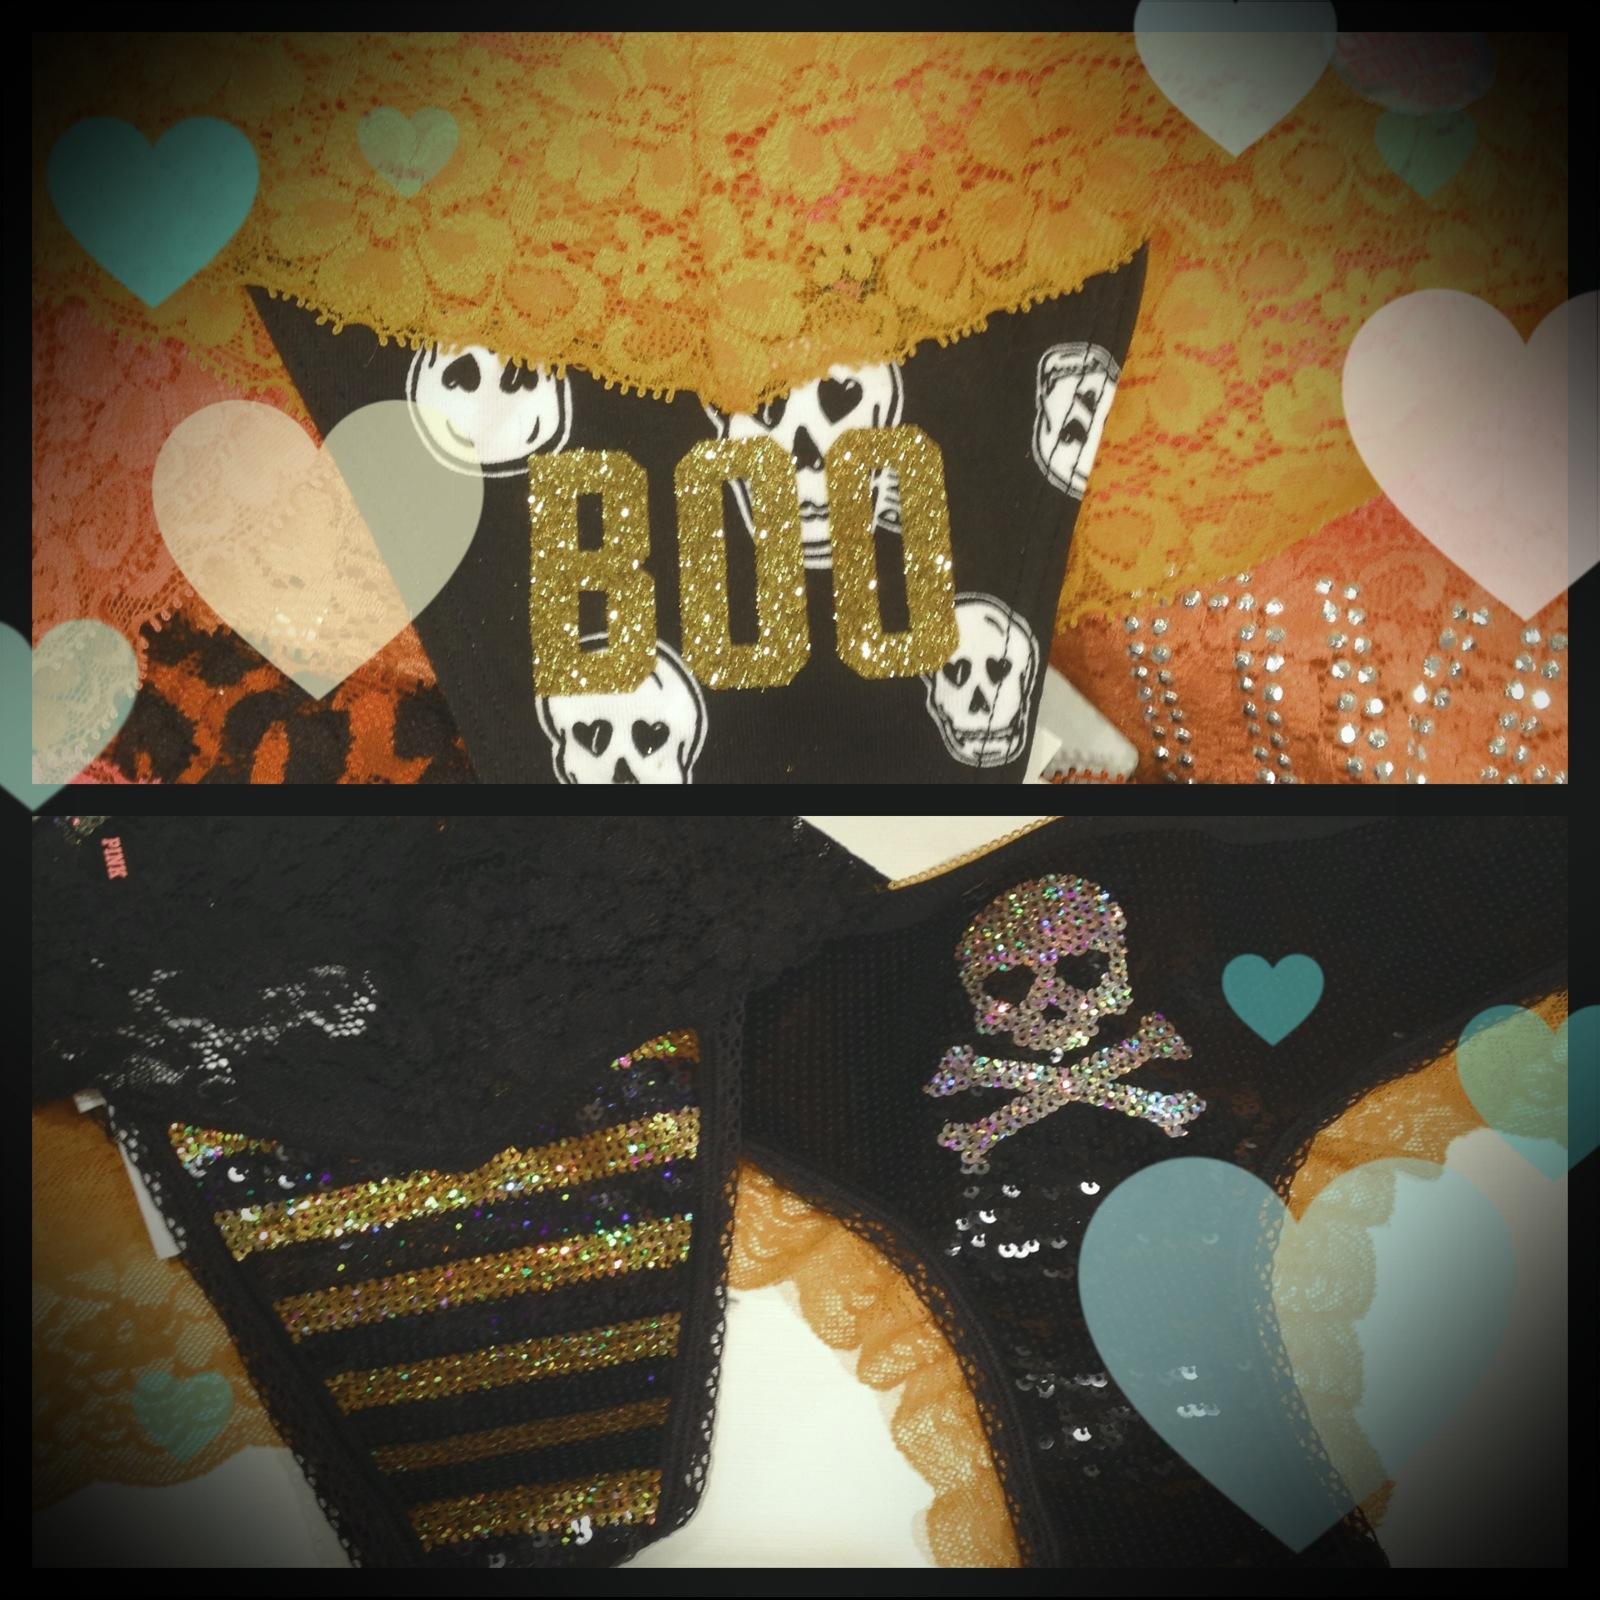 http://4.bp.blogspot.com/-2vWOE45nU9E/UIXI4nZy_4I/AAAAAAAAAIM/KhQK93WmHFQ/s1600/halloween.jpeg